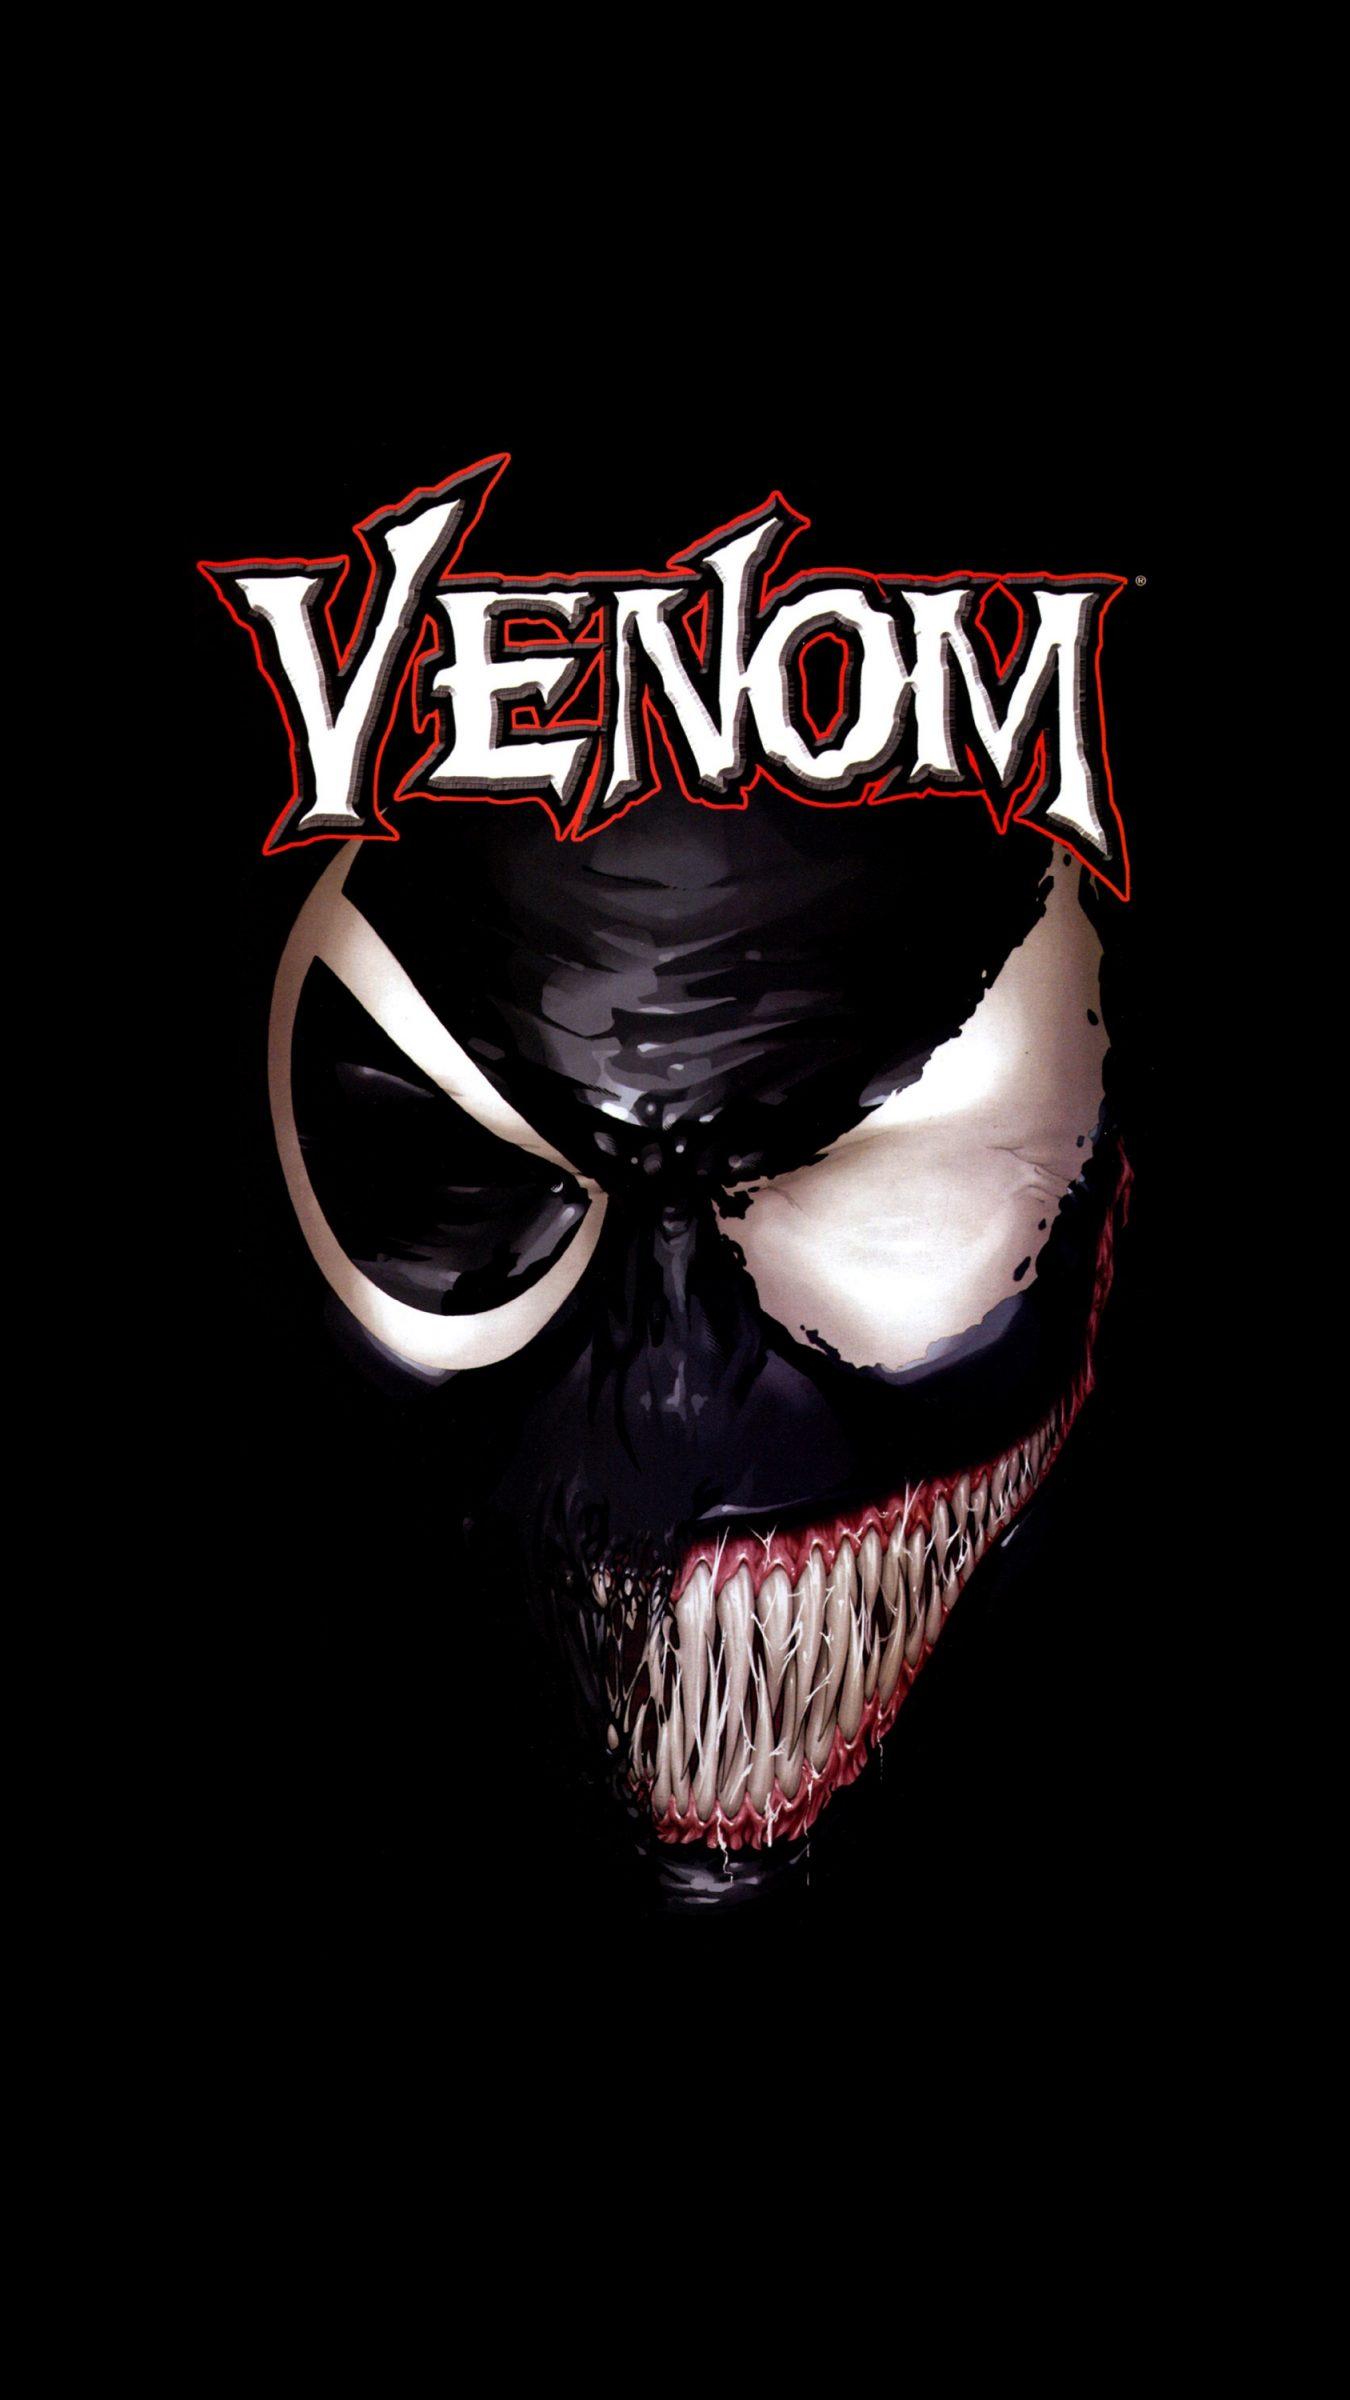 Ipad Mini Wallpaper Hd Venom Movie Black Poster 4k Wallpaper Best Wallpapers